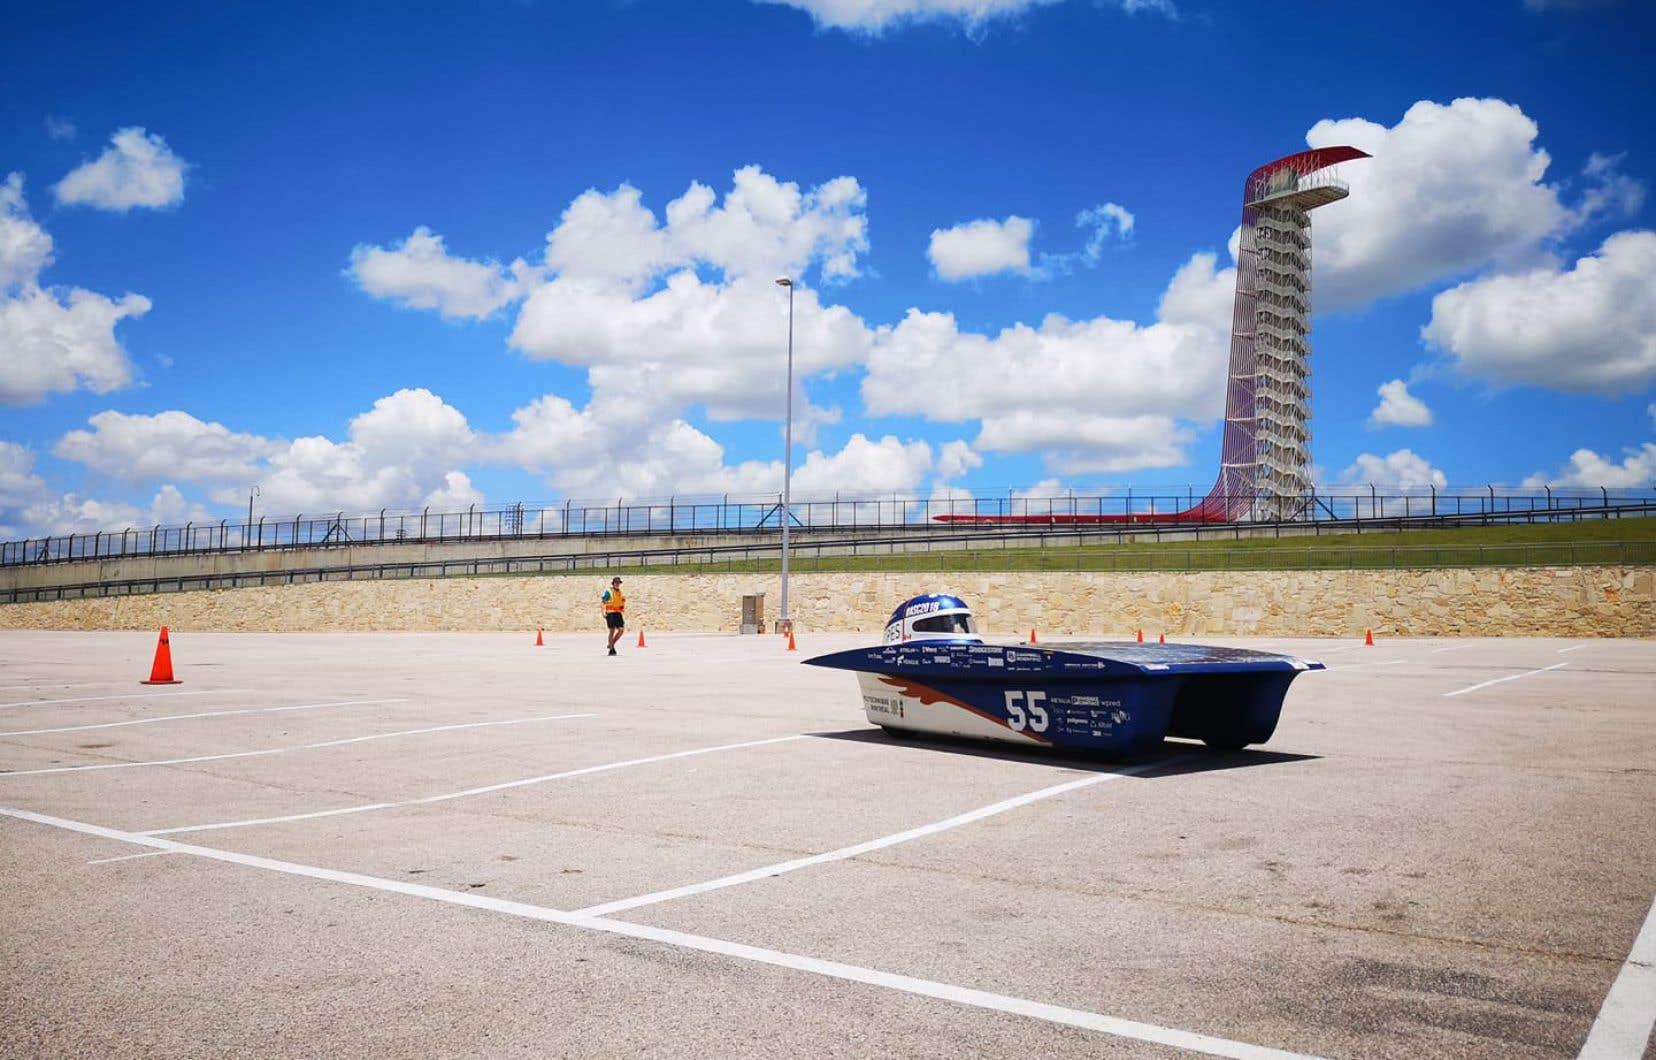 Le petit bolide monoplace bleu et blanc, concocté par les étudiants de Polytechnique, a réussi à effectuer 35 tours de plus que son plus proche rival sur le circuit d'Austin, au Texas.